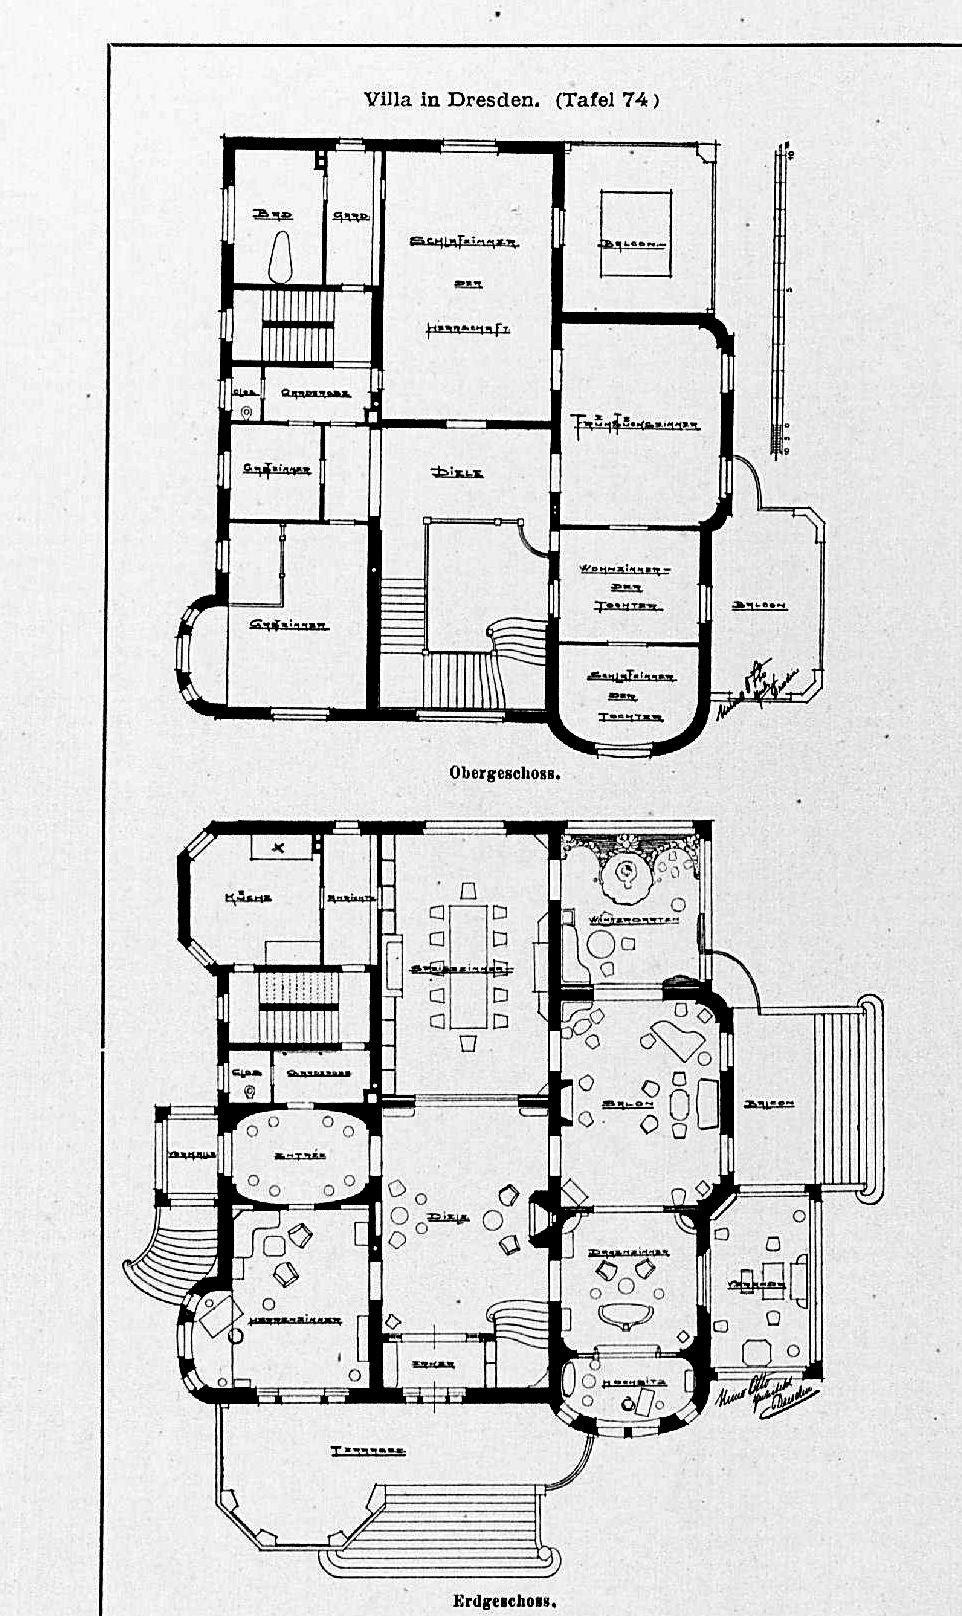 file villa in dresden st belallee 21 gesamtansicht architekt heino otto dresden tafel 74. Black Bedroom Furniture Sets. Home Design Ideas